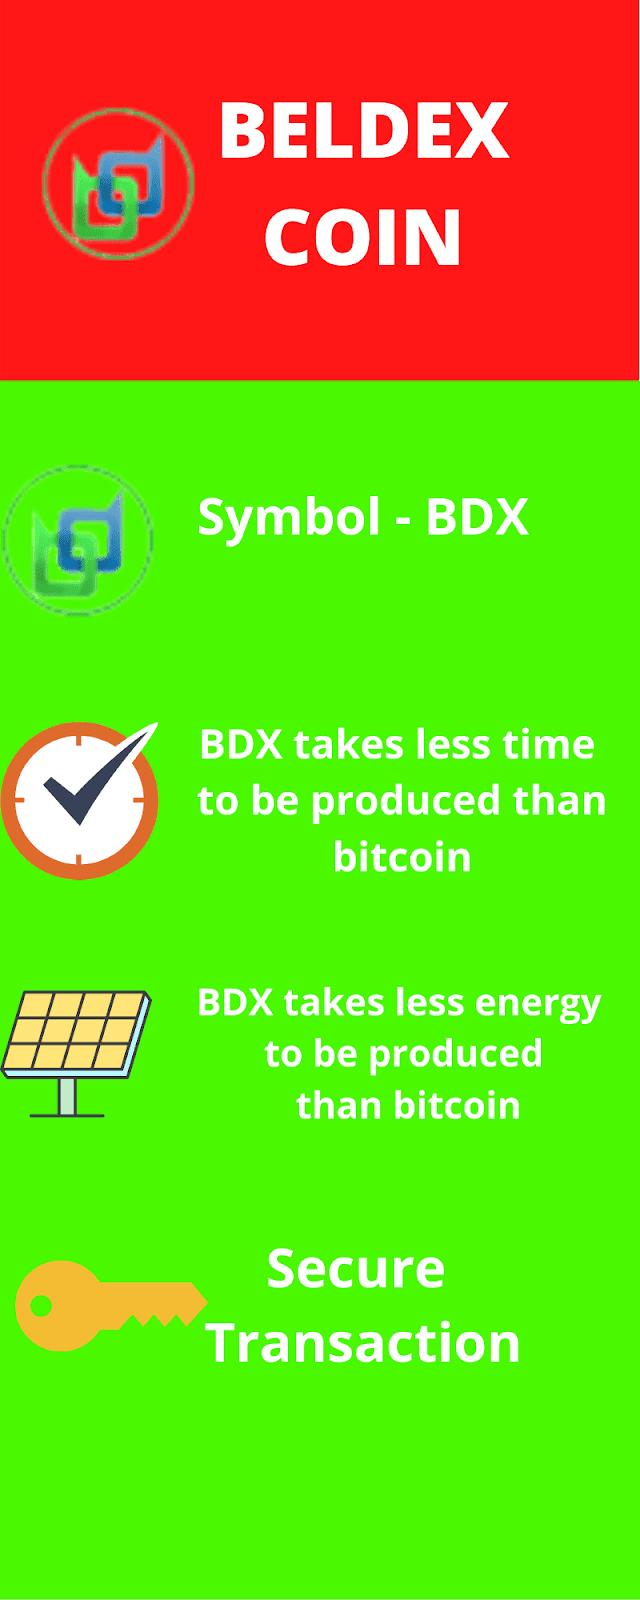 beldex coin inr